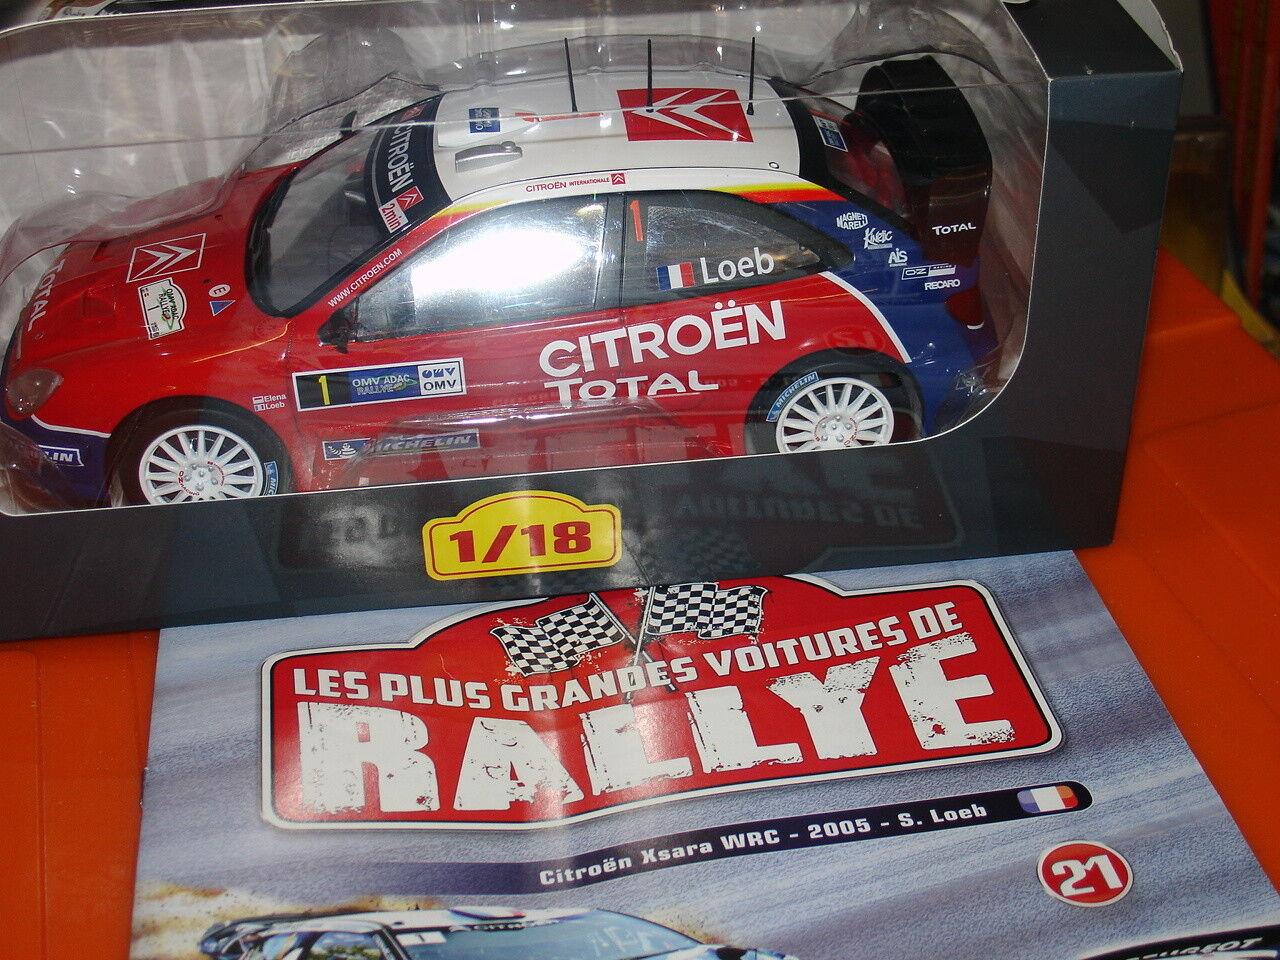 RALLYE   N° 21 CITROEN XSARA WRC-2005-SLOEB